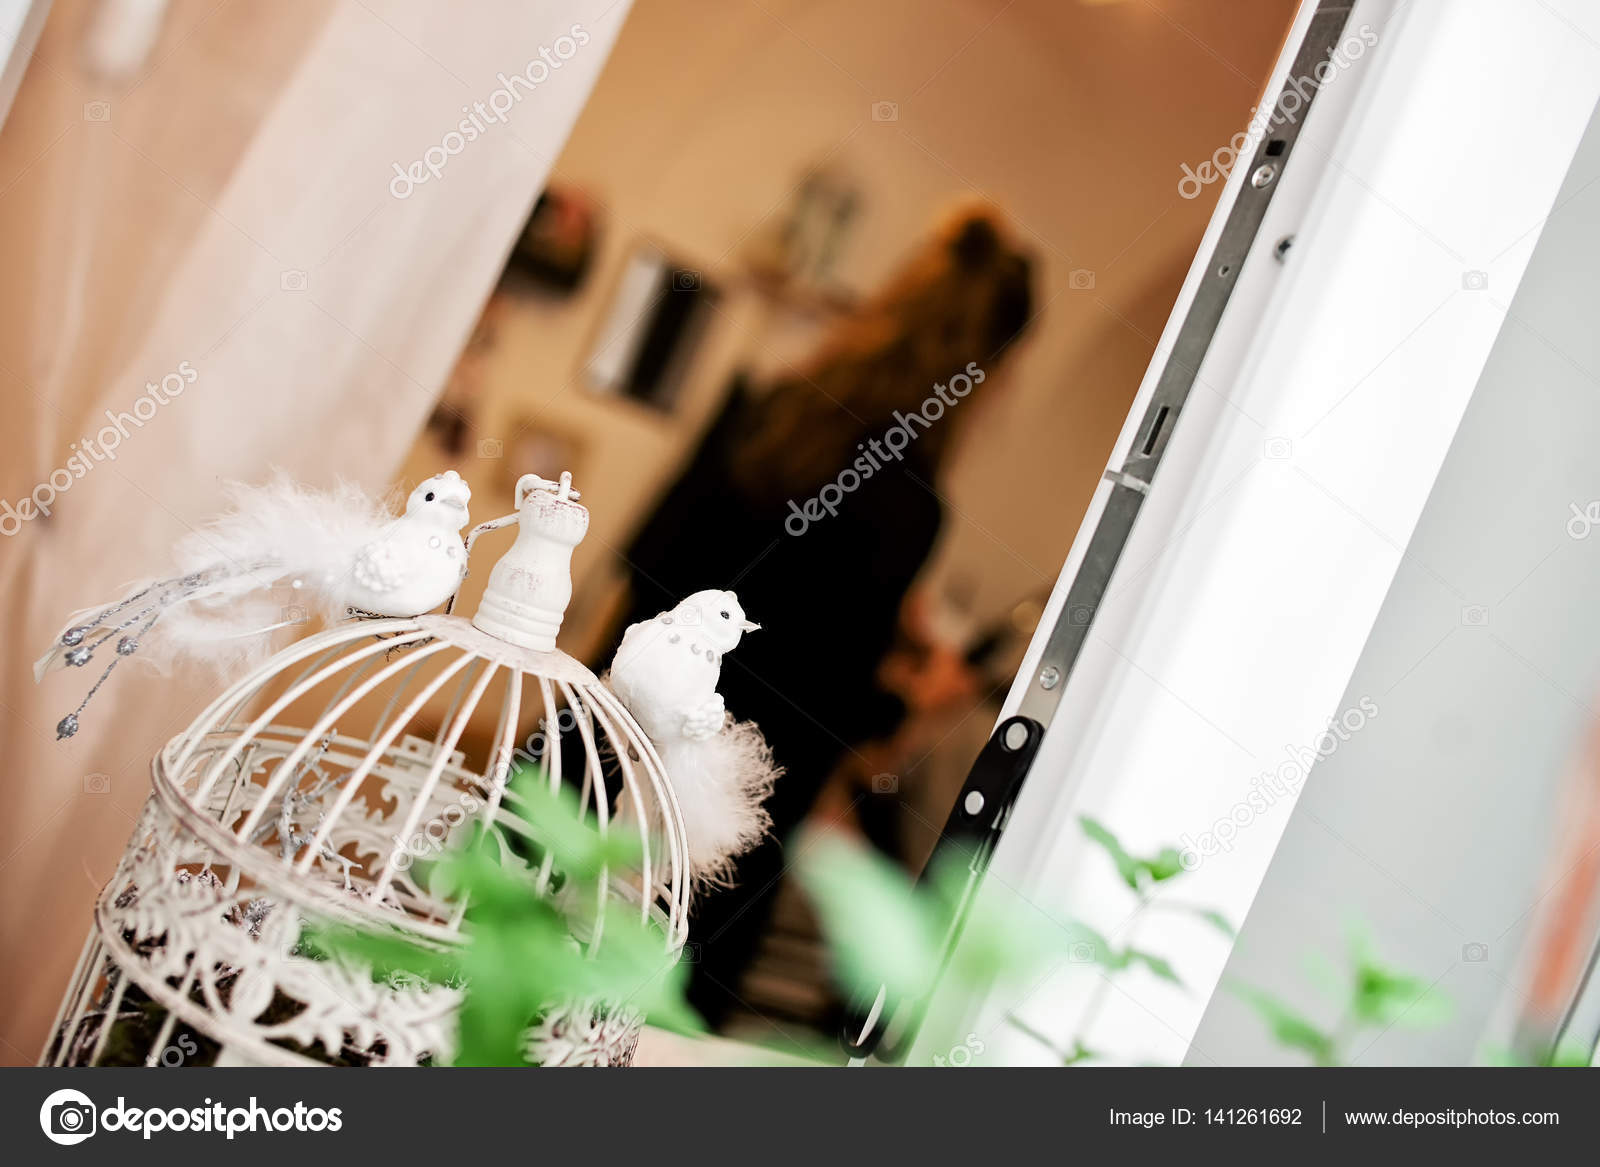 Hochzeit Weisse Dekorative Kleine Vogel Mit Fellschwanz Platziert Auf